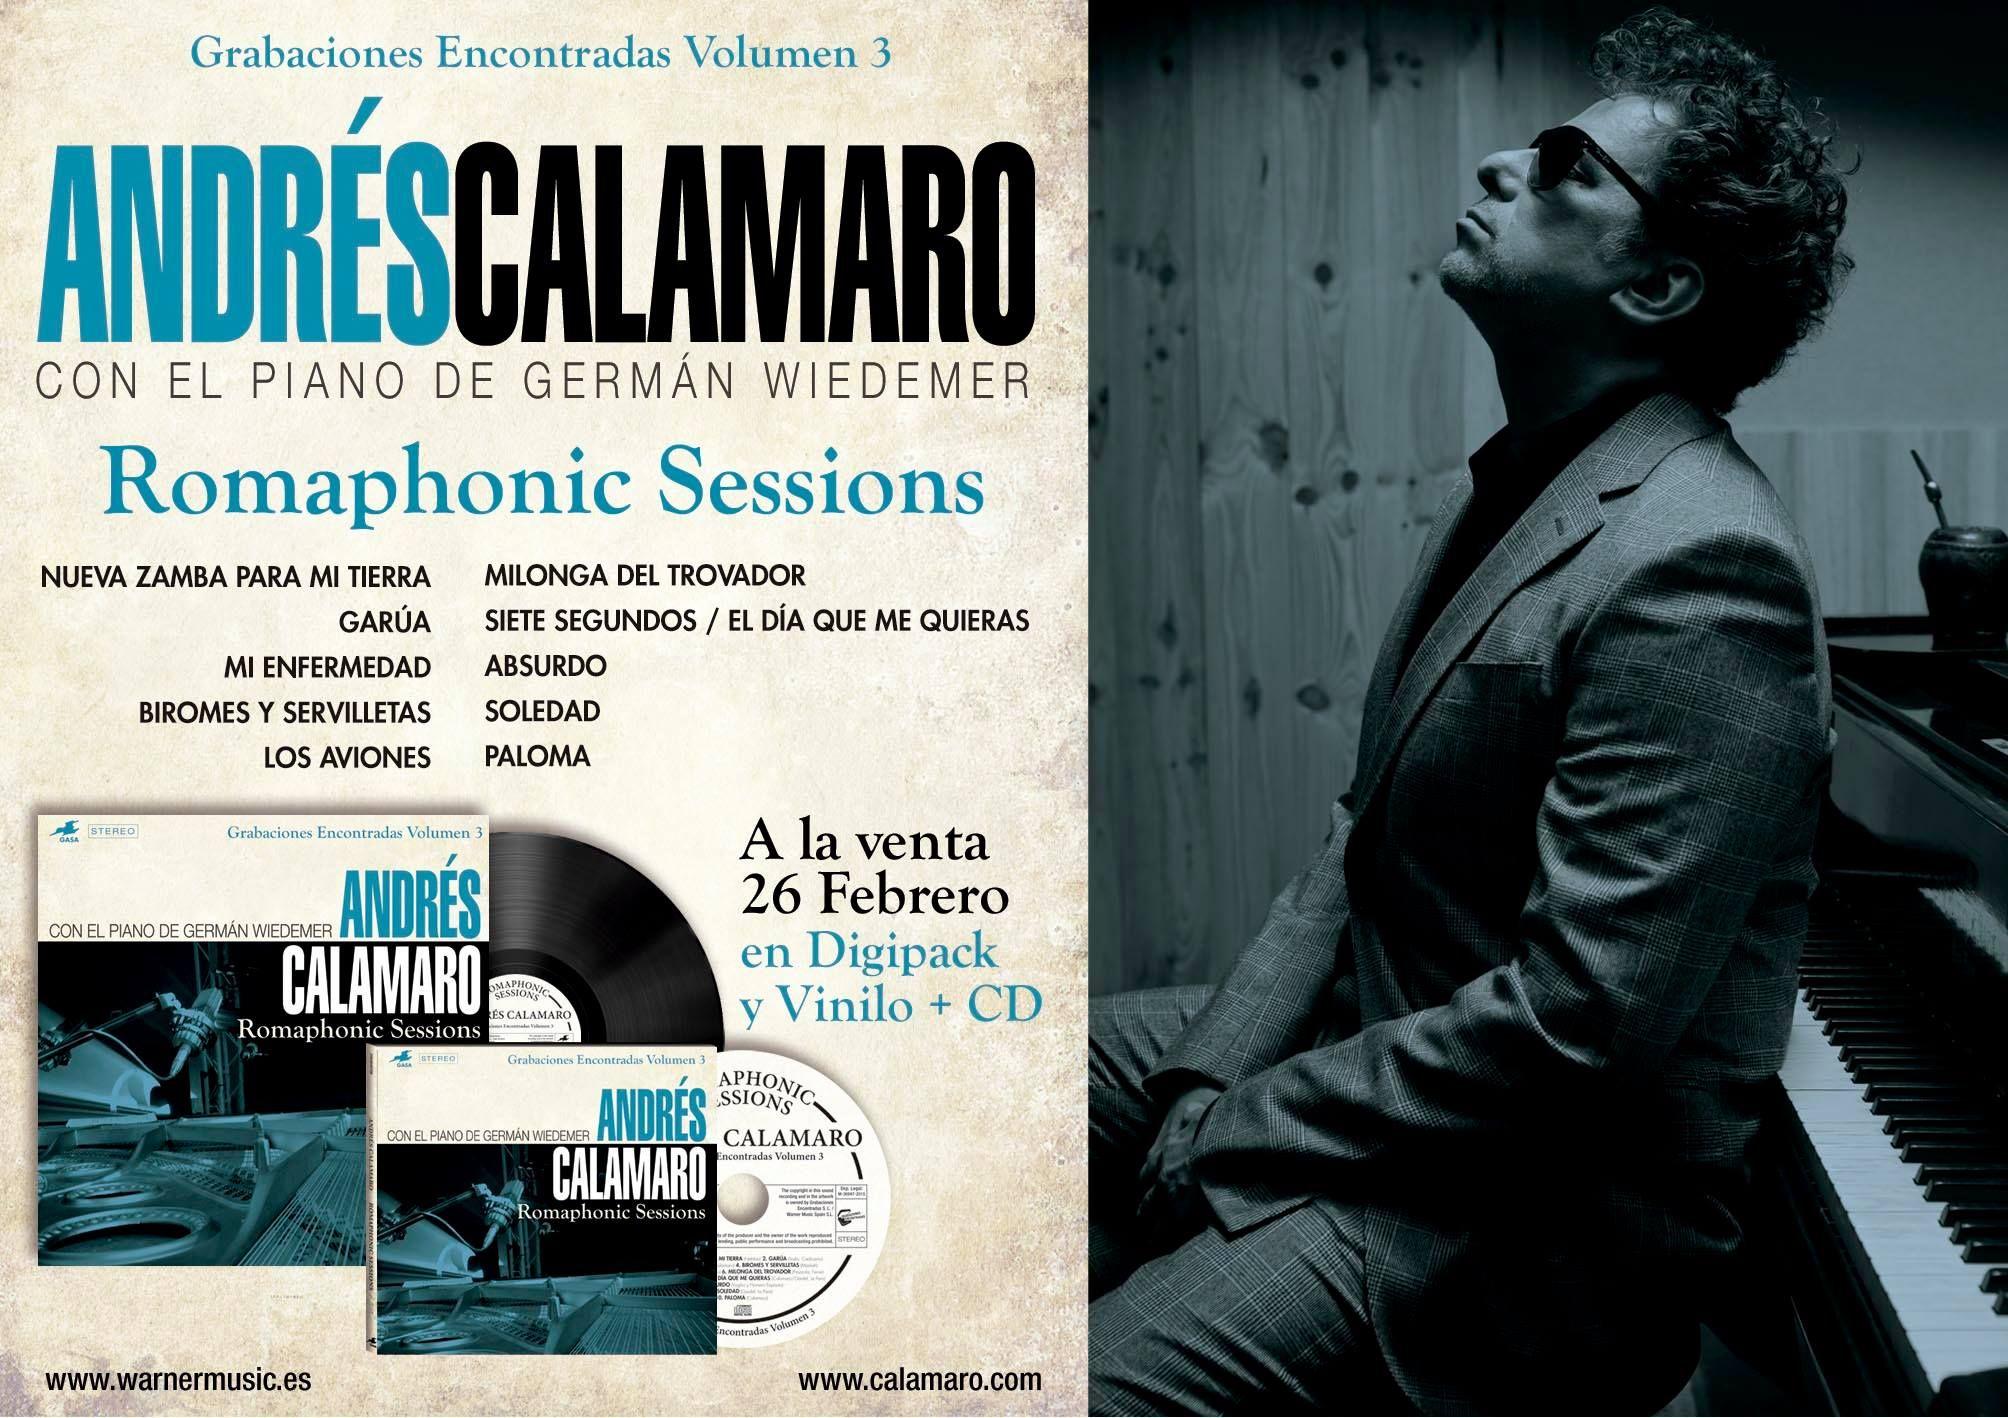 Andrés Calamaro adelanta canciones de su nuevo CD